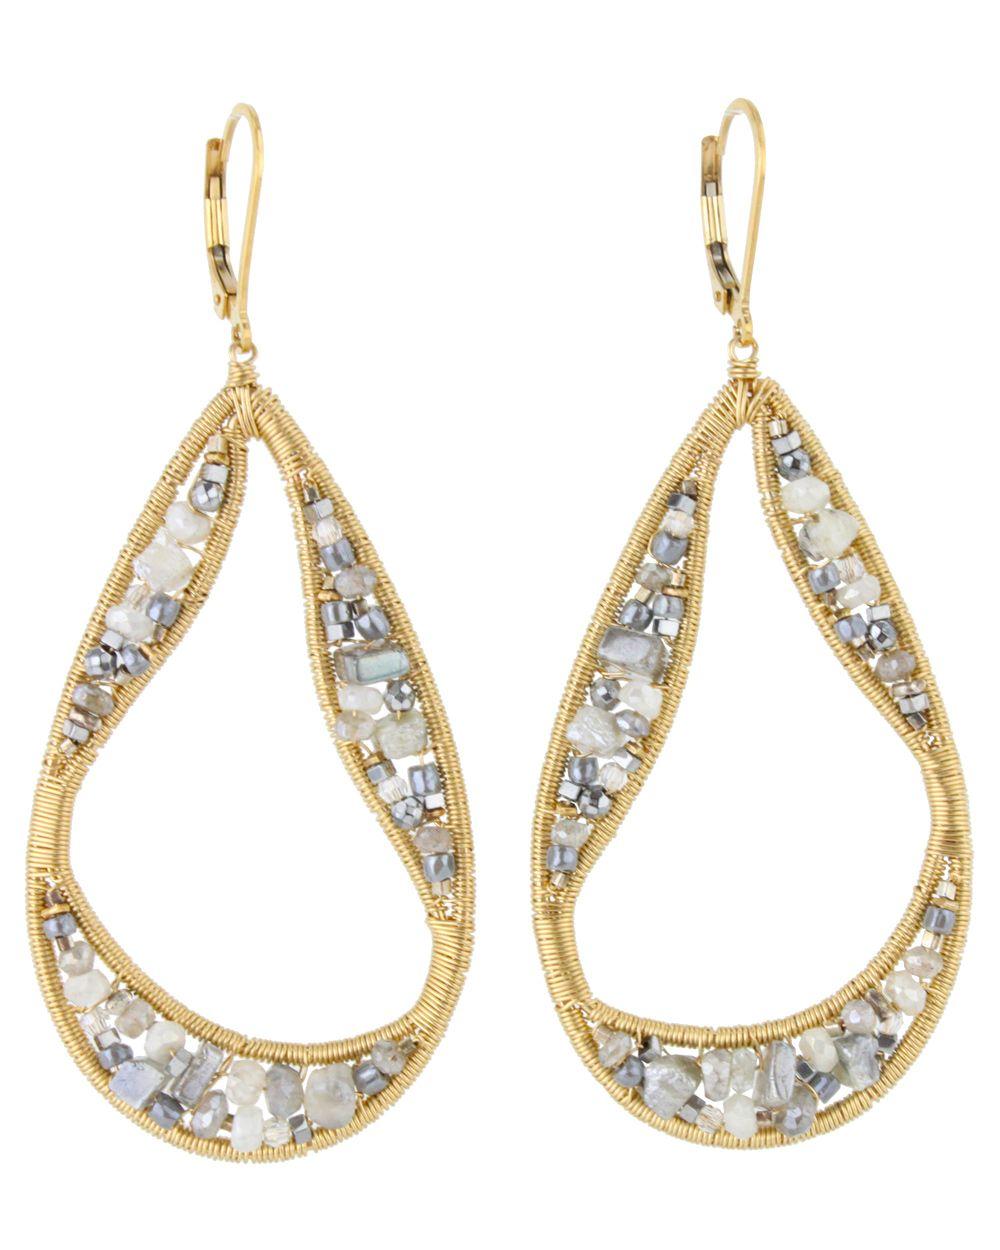 Dana Kellin Labradorite and Silverite Open Teardrop Earrings